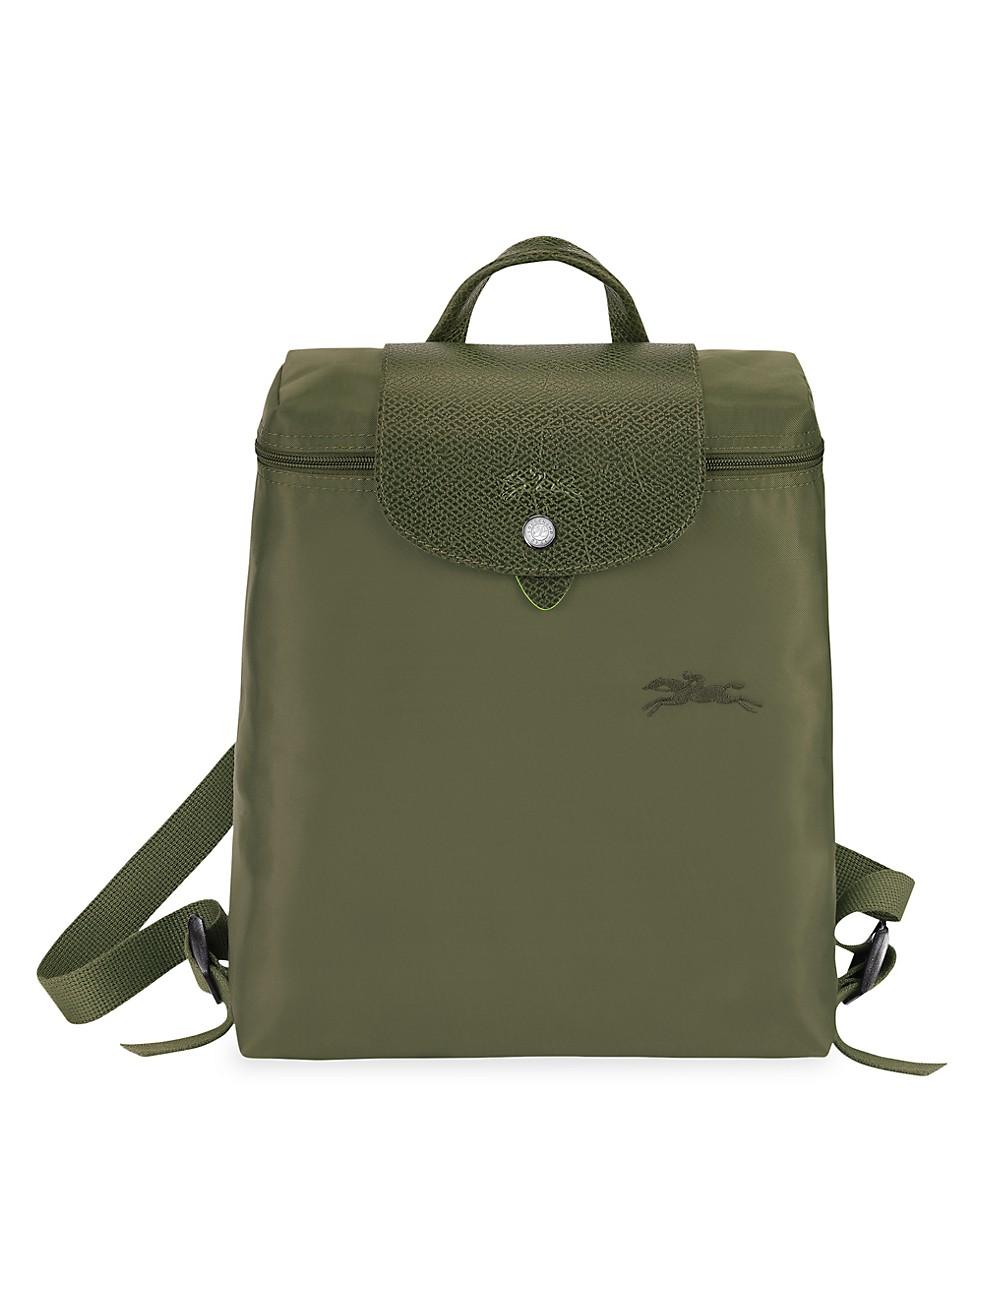 롱샴 백팩 Longchamp Le Pliage Backpack,FIR